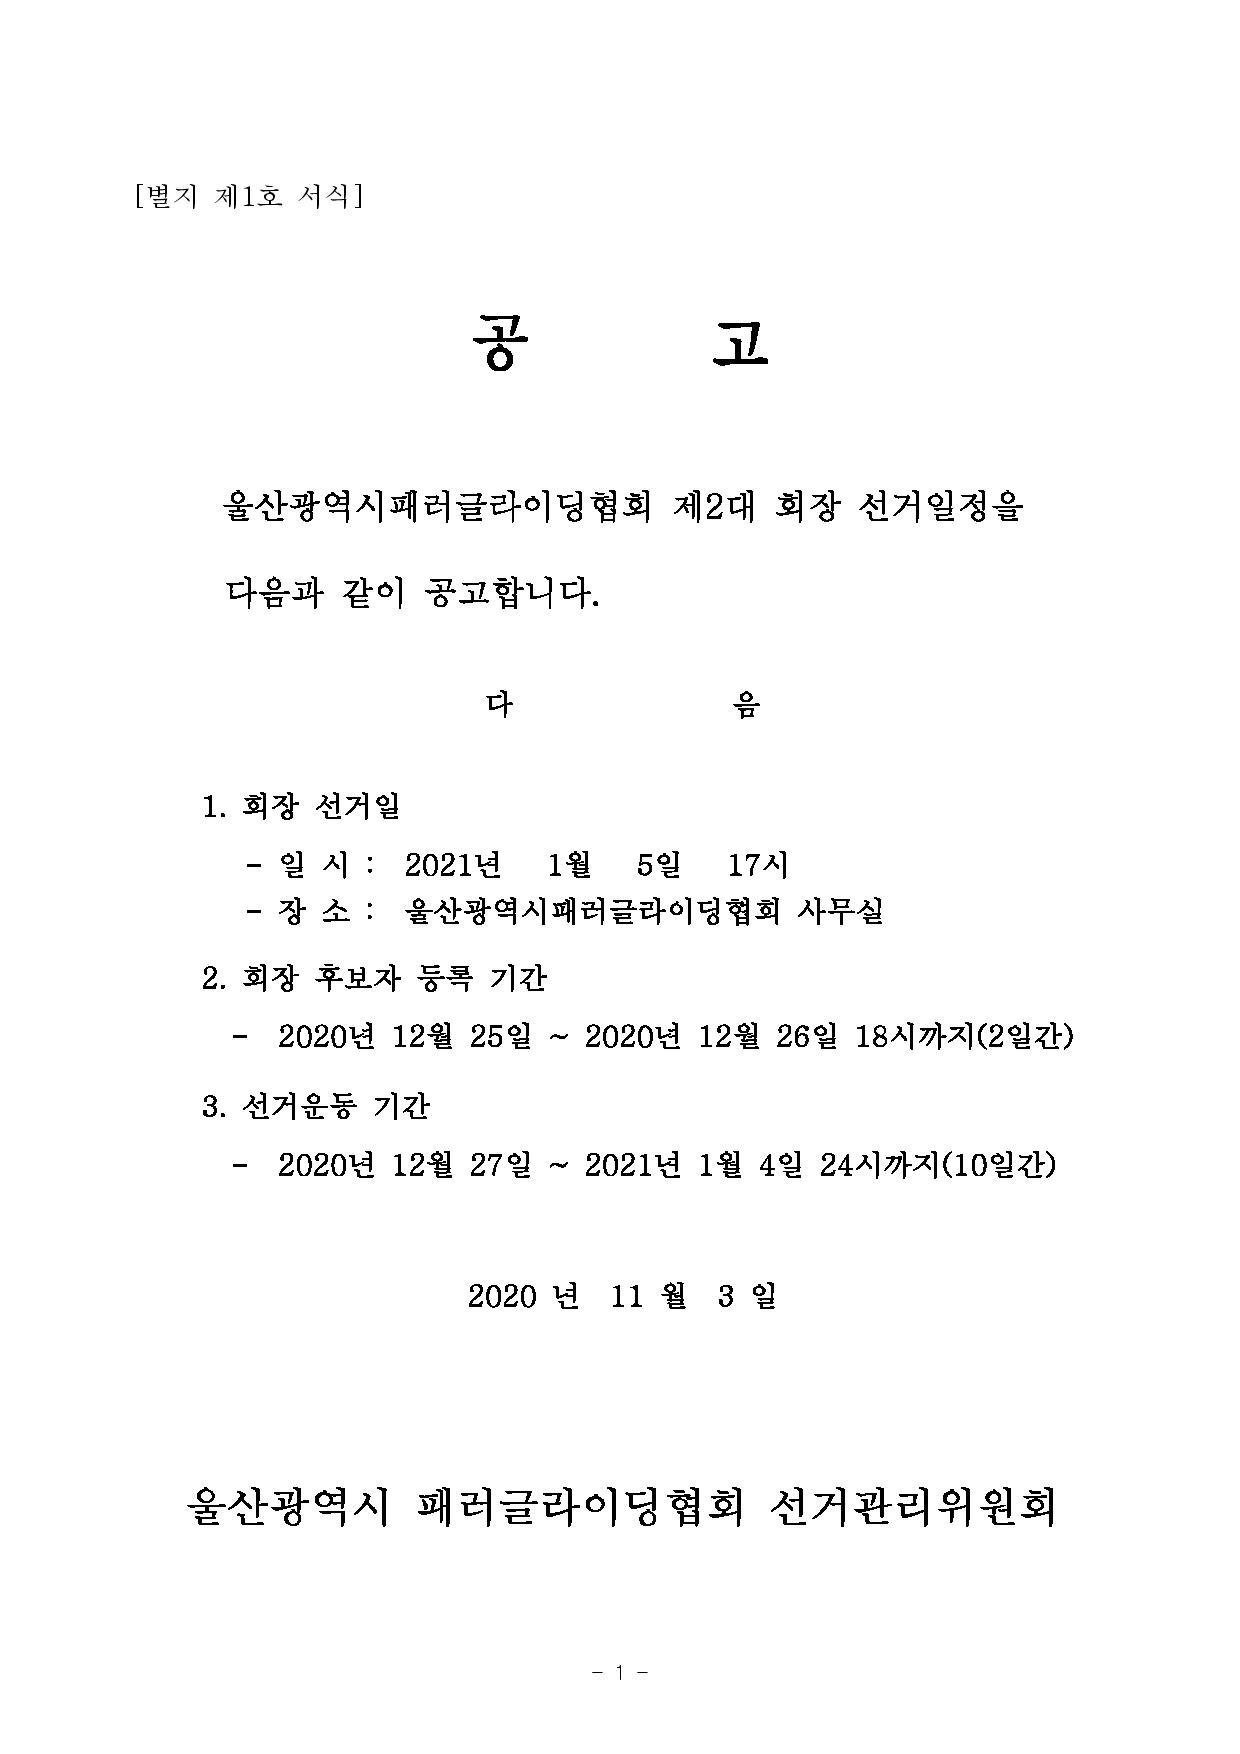 6. 선거일 공고-page-001.jpg